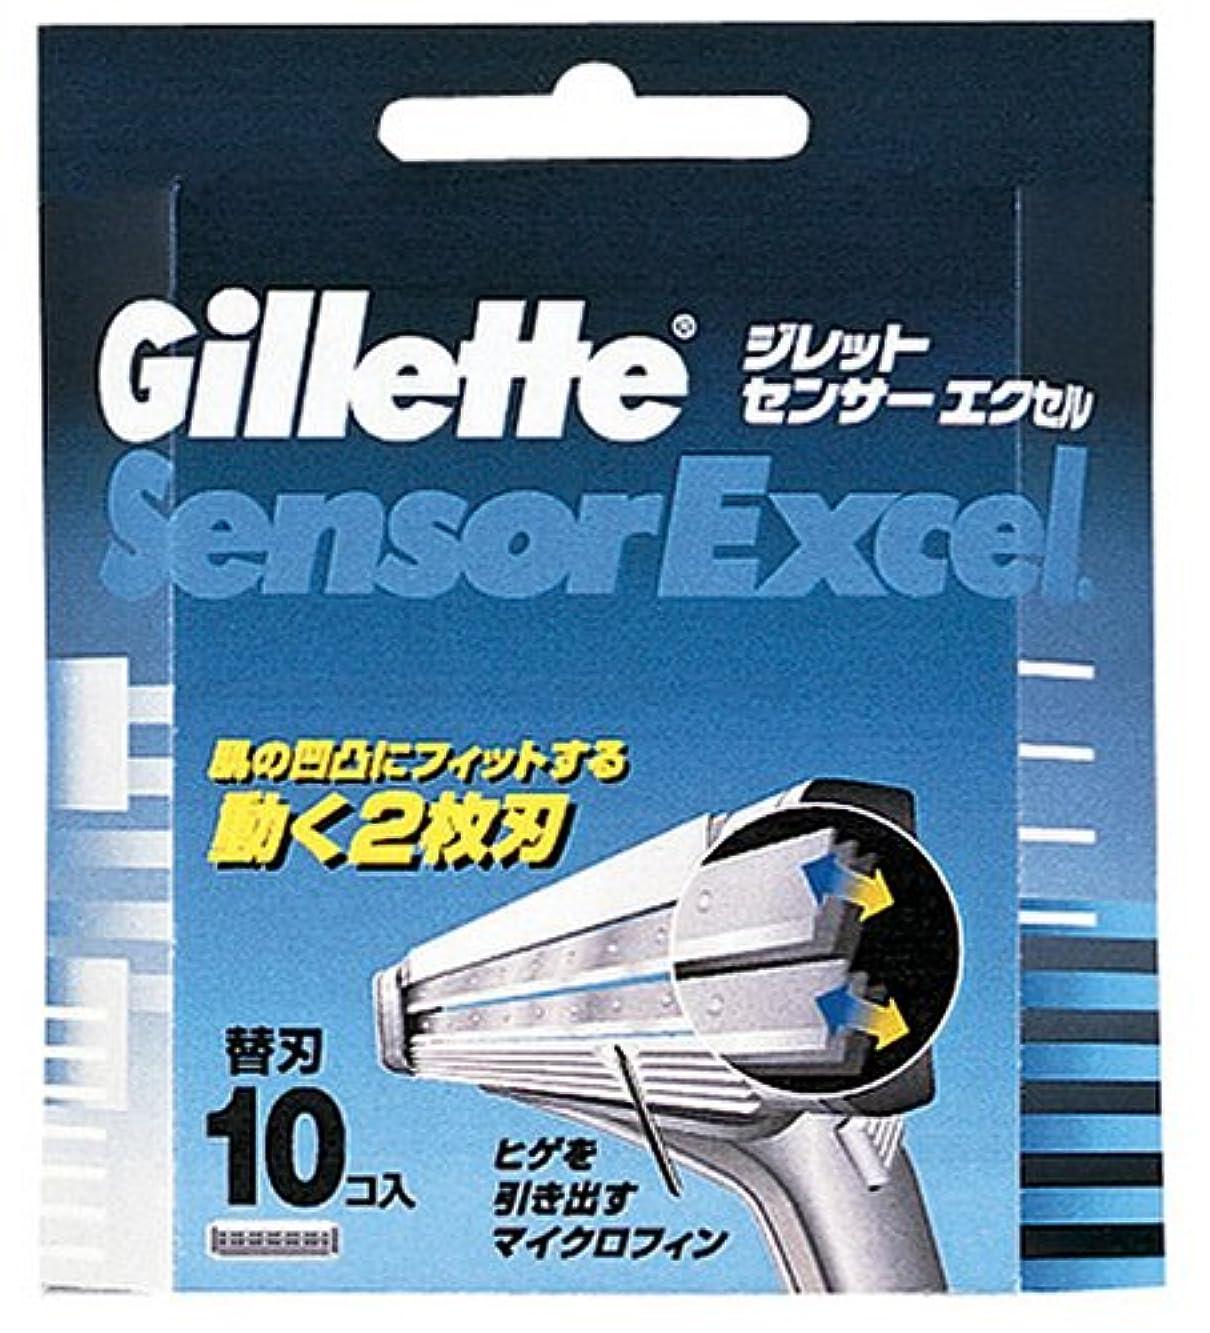 聖なるうねる良性ジレット 髭剃り D58センサーエクセル専用替刃10個入